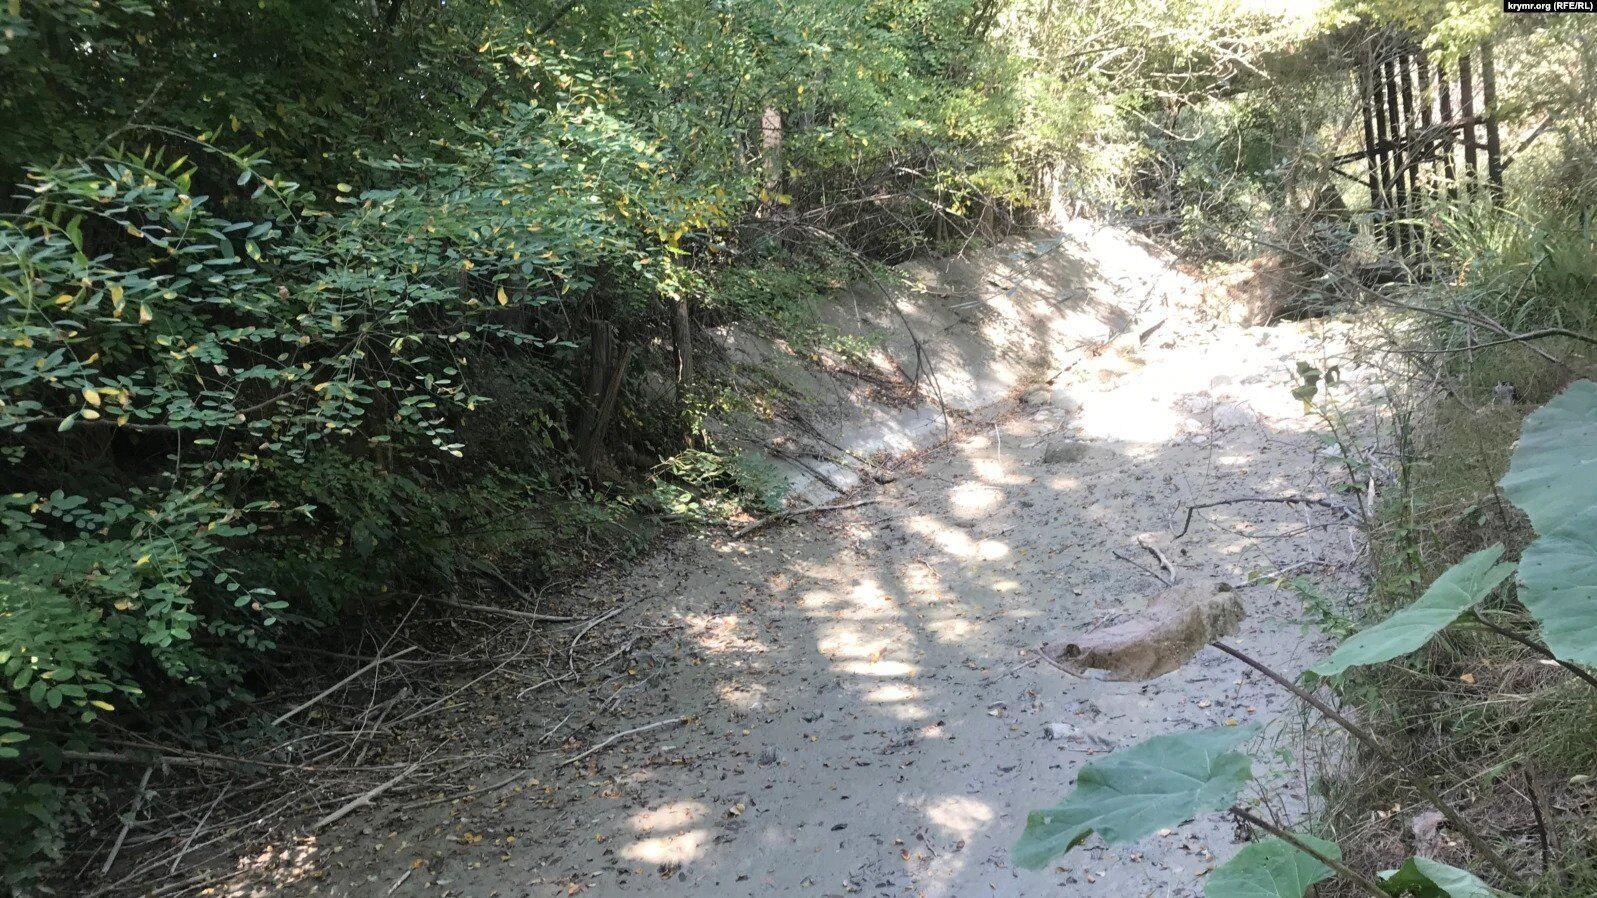 Высохшее русло реки Танасу у села Кирпичное Белогорского района, сентябрь 2020 года